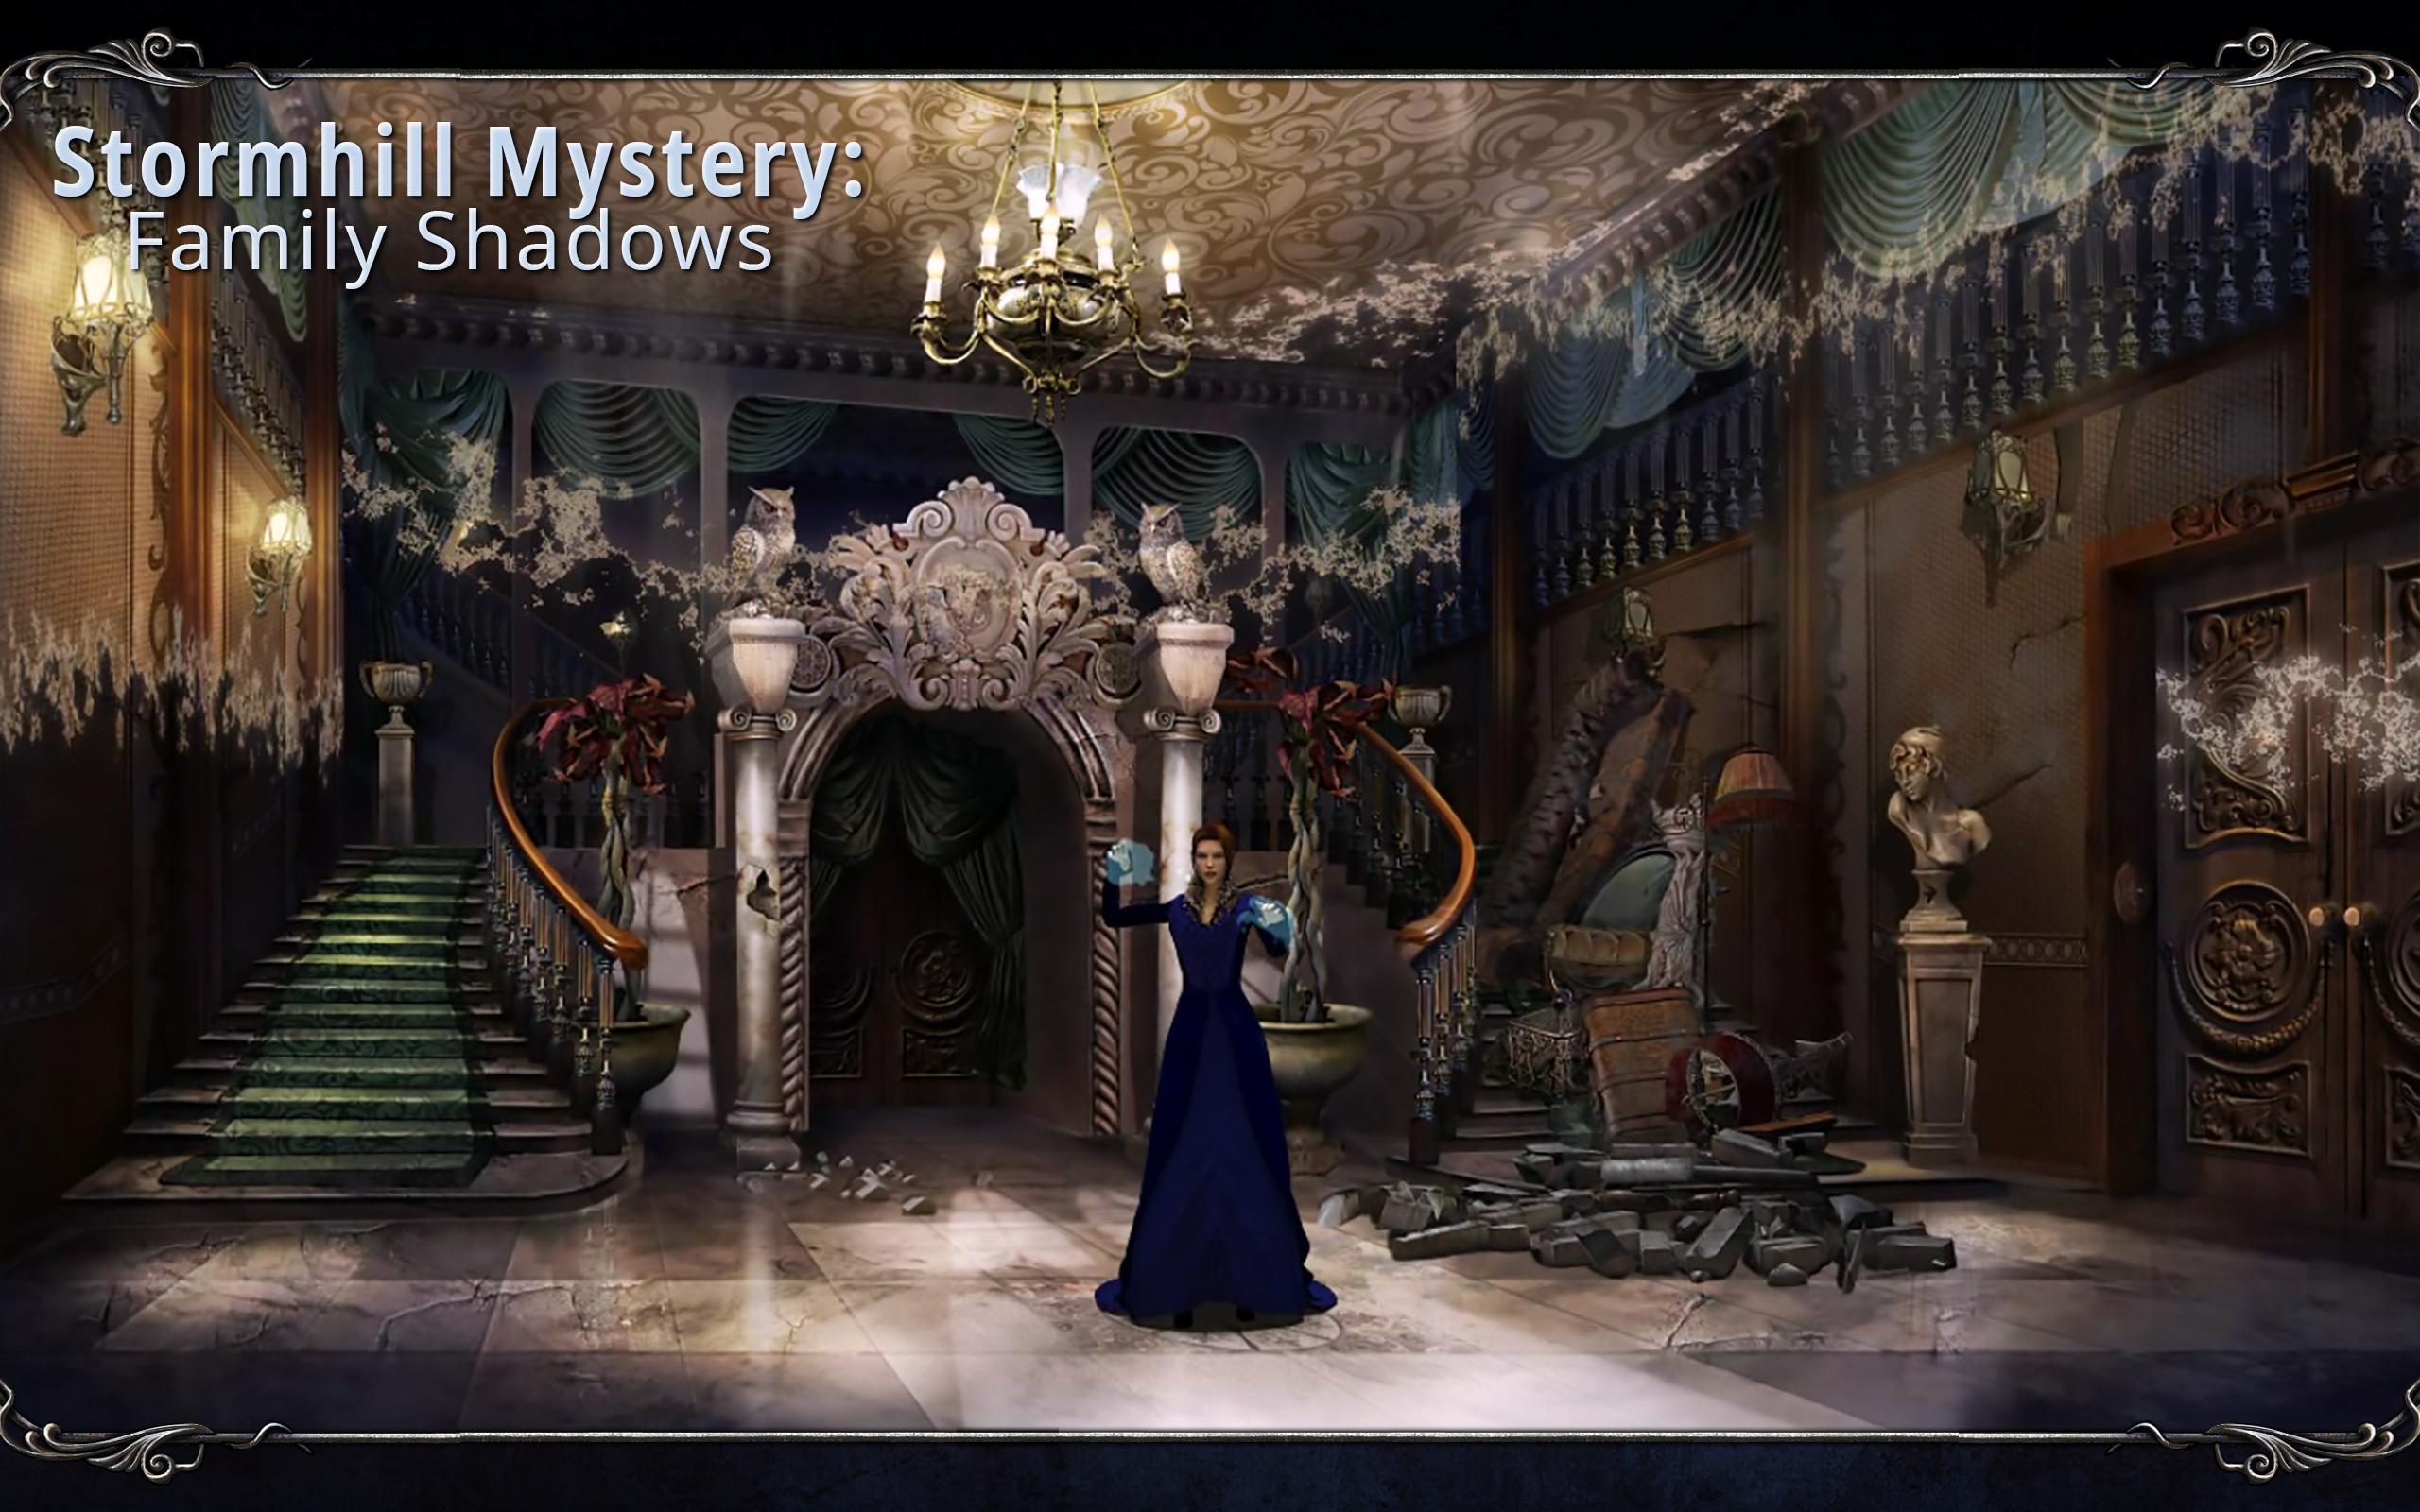 Stormhill Mystery: Family Shadows 1.1 Screenshot 12